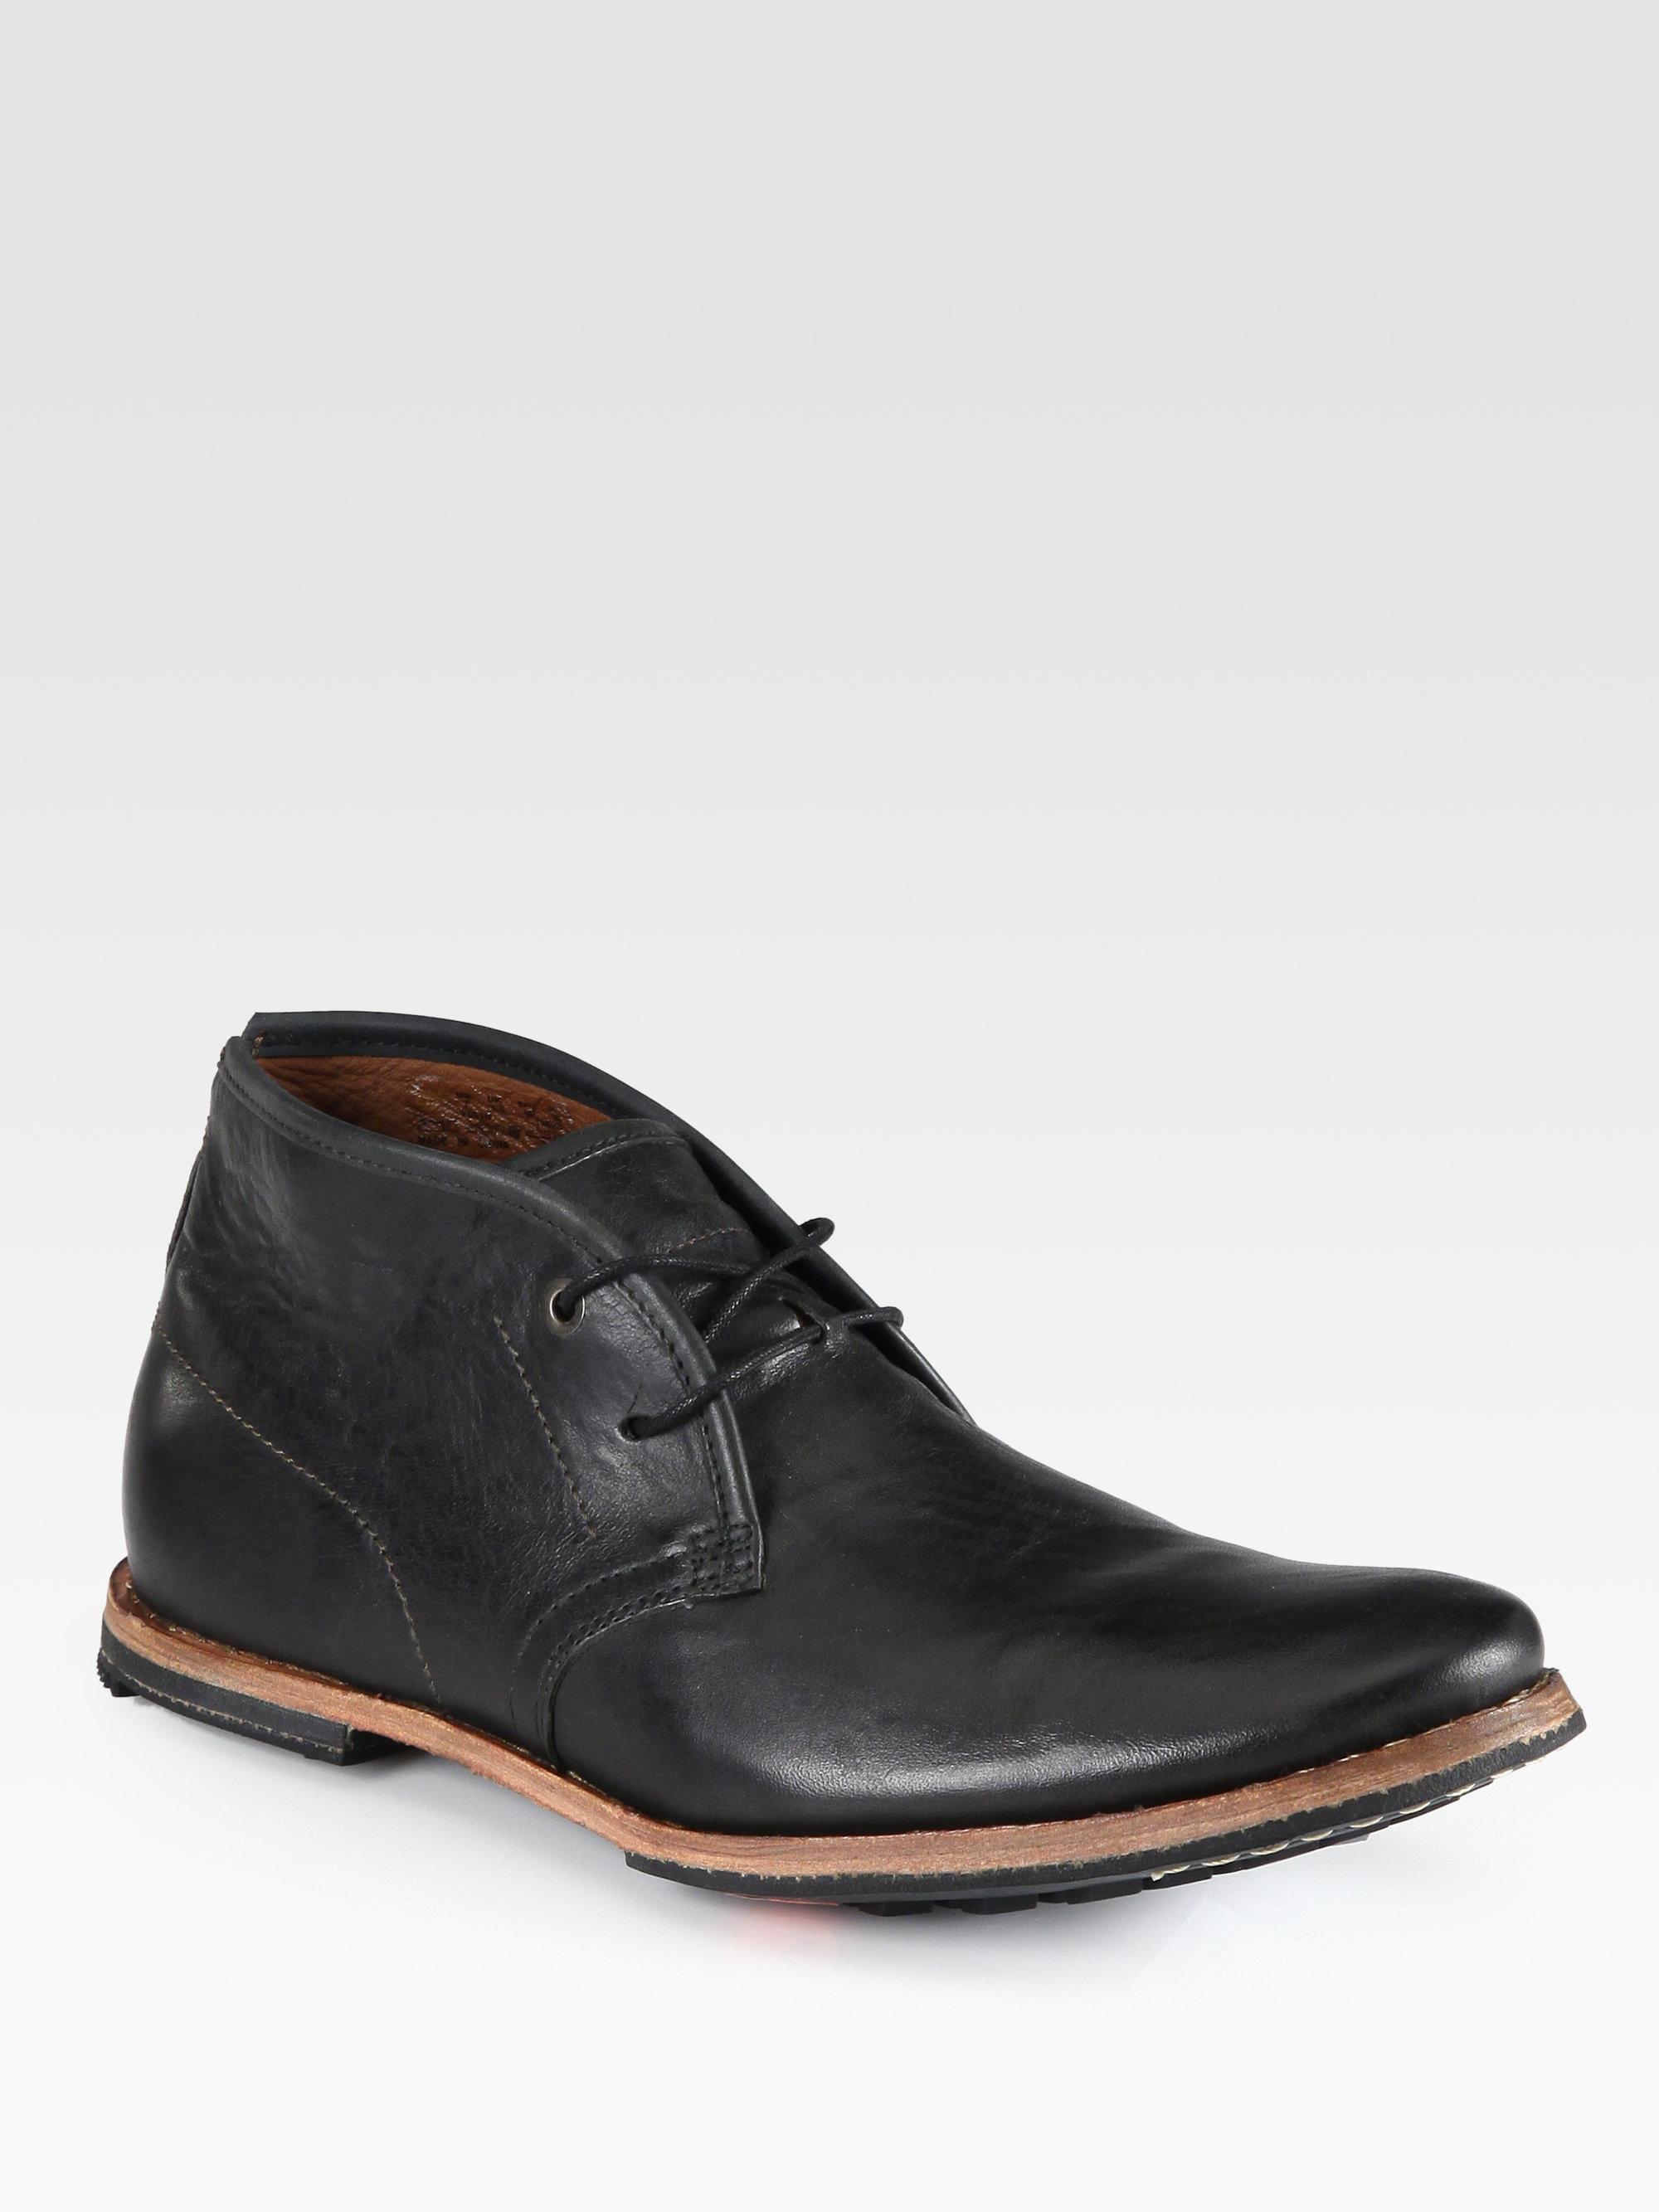 Aldo Mens Boots Sale Images Shoes Men SHADDUCK